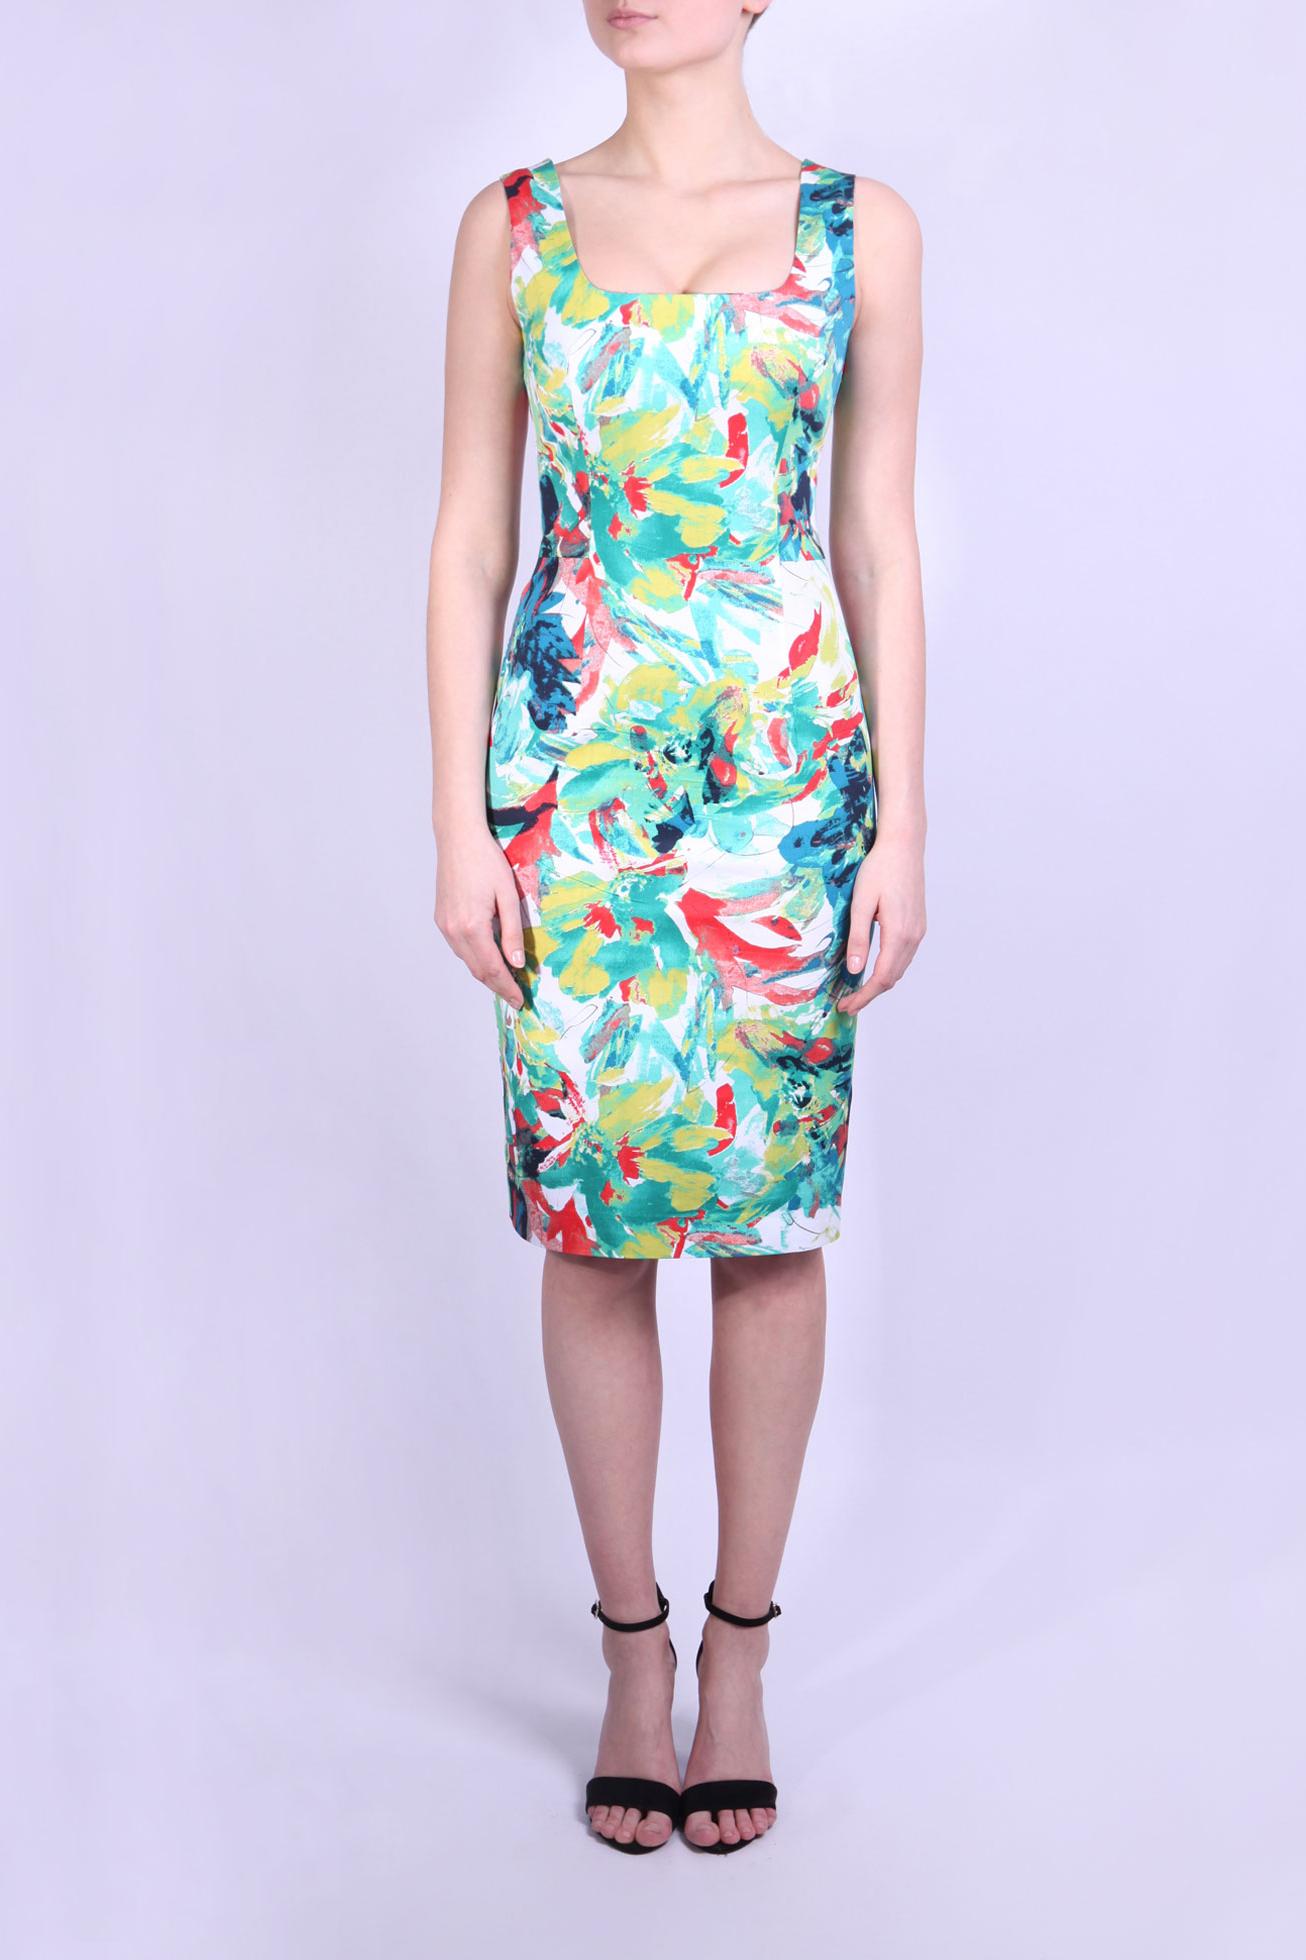 ПлатьеПлатья<br>Платье летнее без рукавов длиной до колен.  Яркий, красочный, привлекательный принт создает впечатление свежести и молодости.  Параметры размеров: Обхват груди размер 42 - 84 см, размер 44 - 88 см, размер 46 - 92 см, размер 48 - 96 см, размер 50 - 100 см Обхват талии размер 42 - 64 см, размер 44 - 68 см, размер 46 - 72 см, размер 48 - 76 см, размер 50 - 80 см Обхват бедер размер 42 - 92 см, размер 44 - 96 см, размер 46 - 100 см, размер 48 - 104 см, размер 50 - 108 см  В изделии использованы цвета: белый, зеленый, голубой и др.  Ростовка изделия 170 см.<br><br>Горловина: Квадратная горловина<br>По длине: До колена<br>По материалу: Хлопок<br>По рисунку: С принтом,Цветные<br>По силуэту: Приталенные<br>По стилю: Повседневный стиль,Летний стиль<br>По форме: Платье - футляр<br>По элементам: С разрезом<br>Разрез: Шлица<br>Рукав: Без рукавов<br>По сезону: Лето<br>Размер : 42,46,48,50<br>Материал: Хлопок<br>Количество в наличии: 6